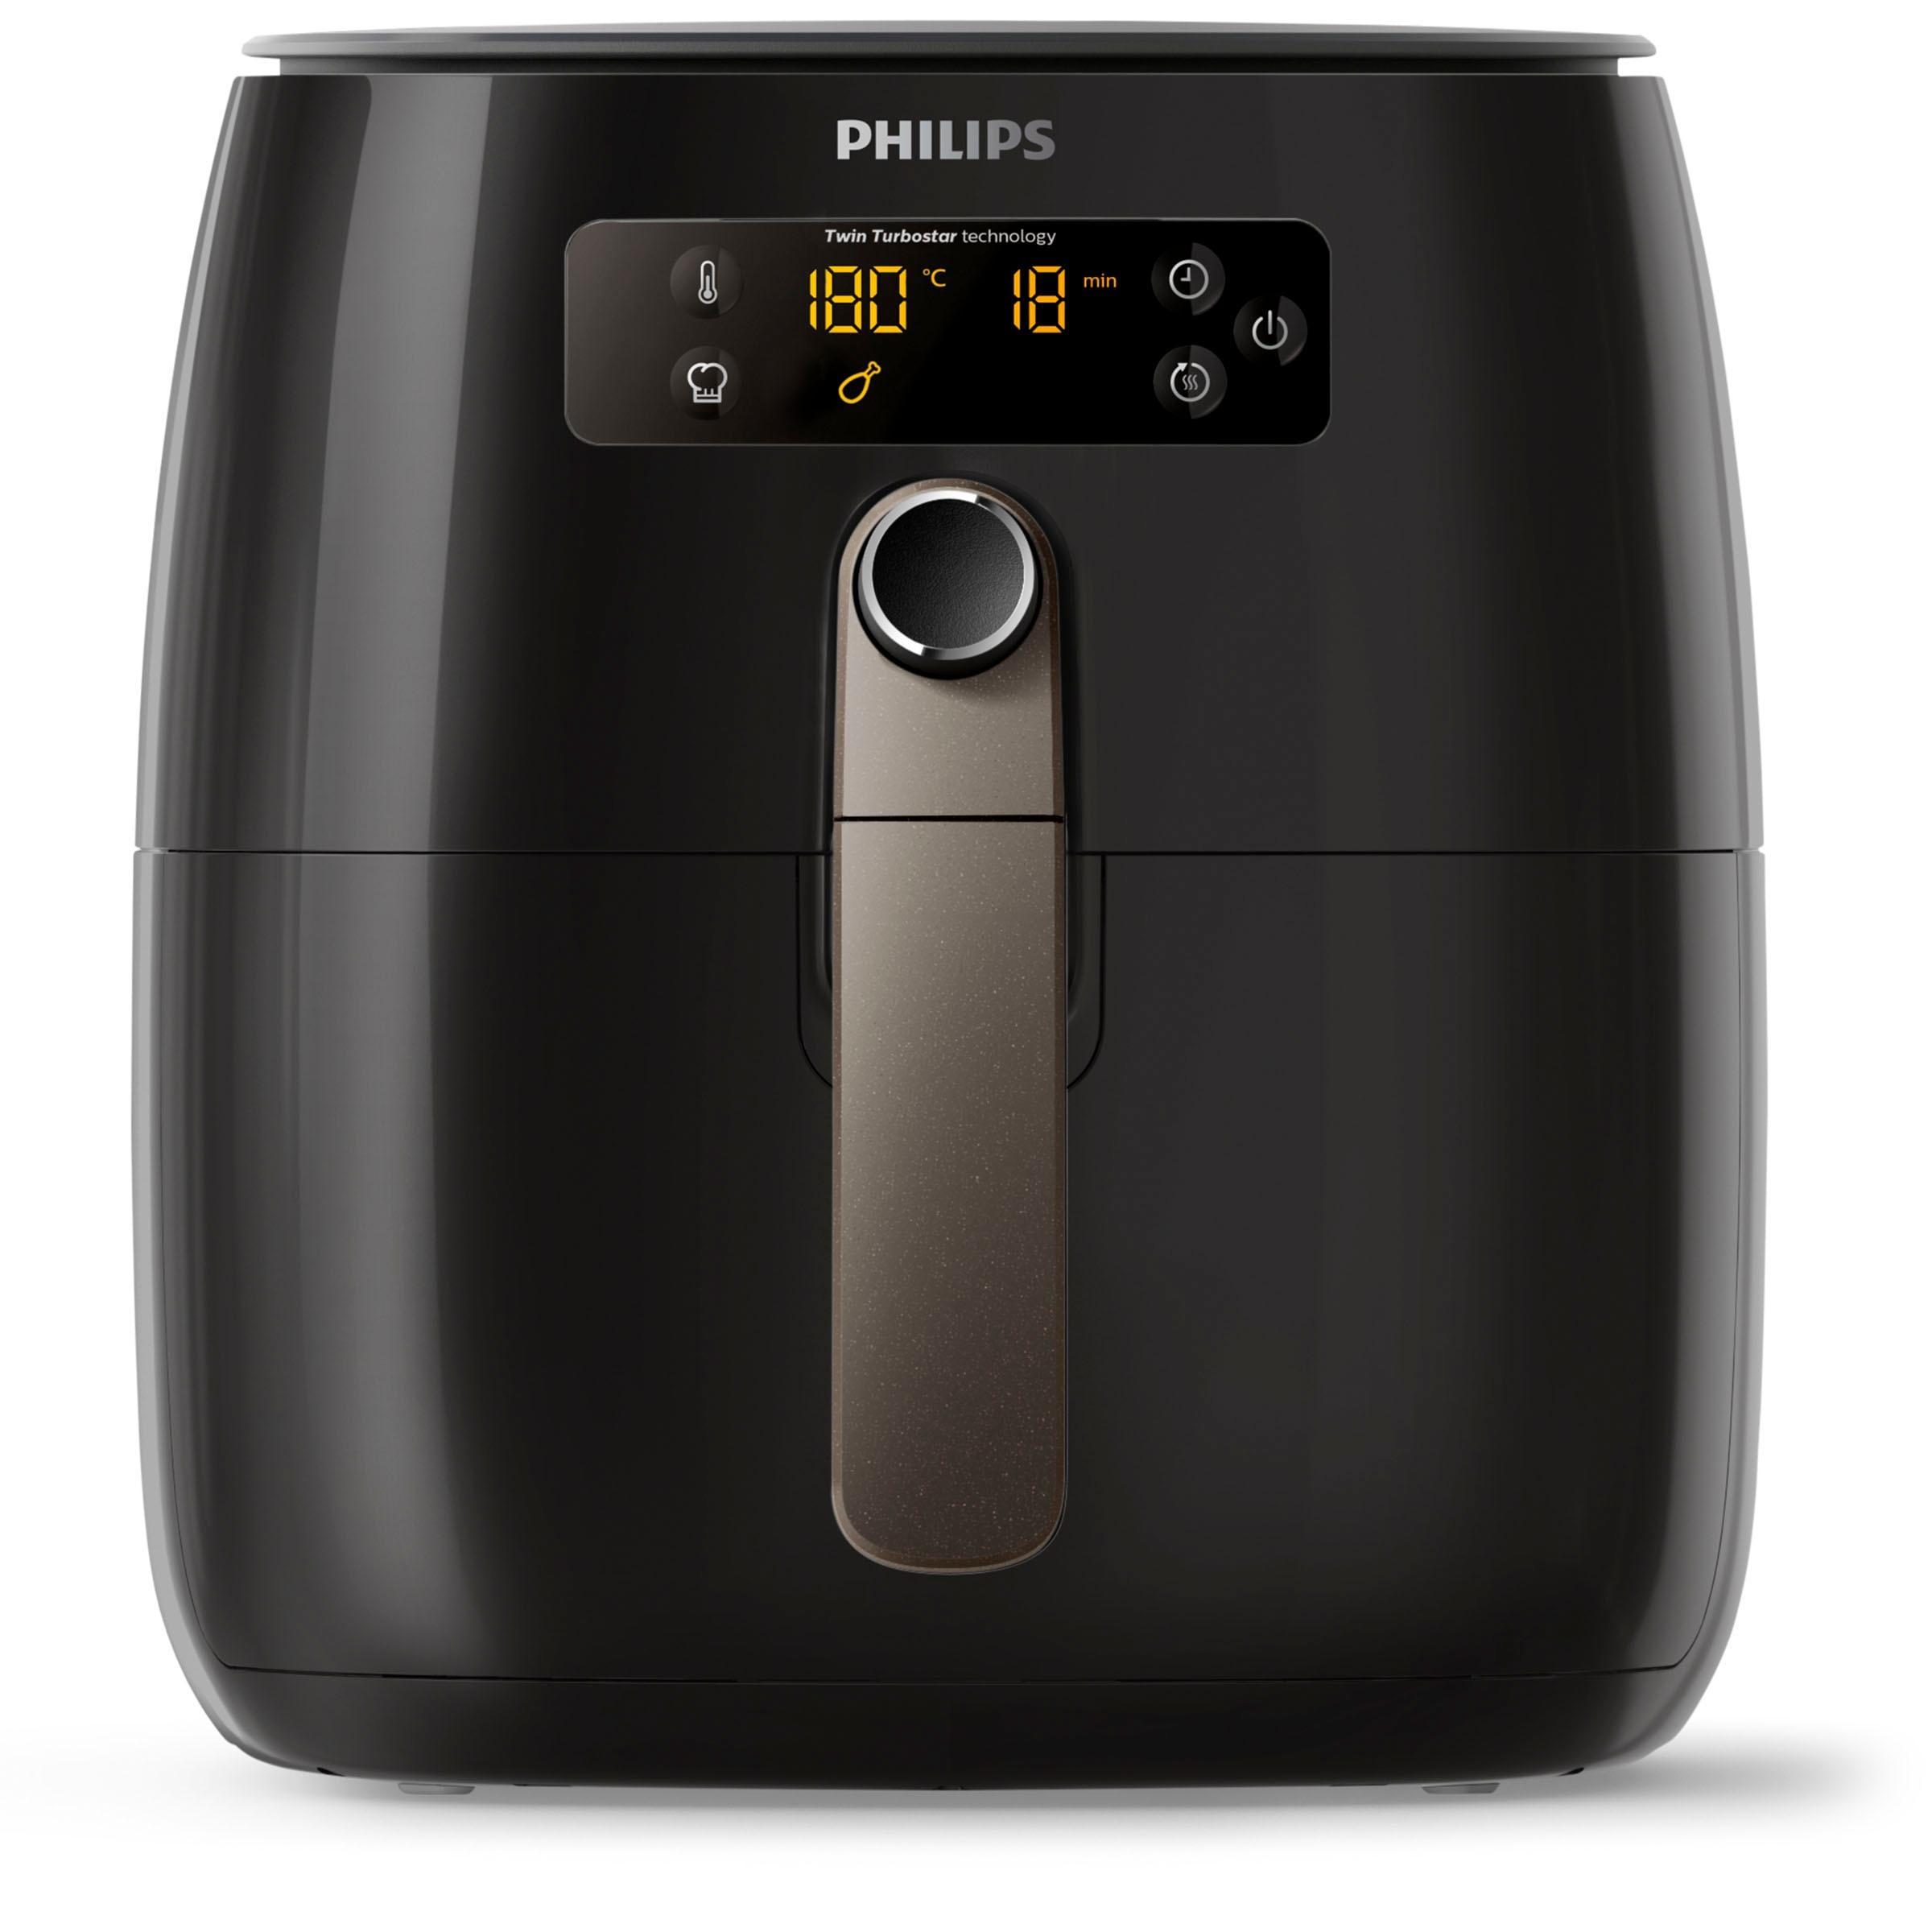 Philips Heissluftfritteuse HD9741/10 Airfryer Avance Collection, 1500 Watt   Küche und Esszimmer > Küchengeräte > Fritteusen   Schwarz   PHILIPS